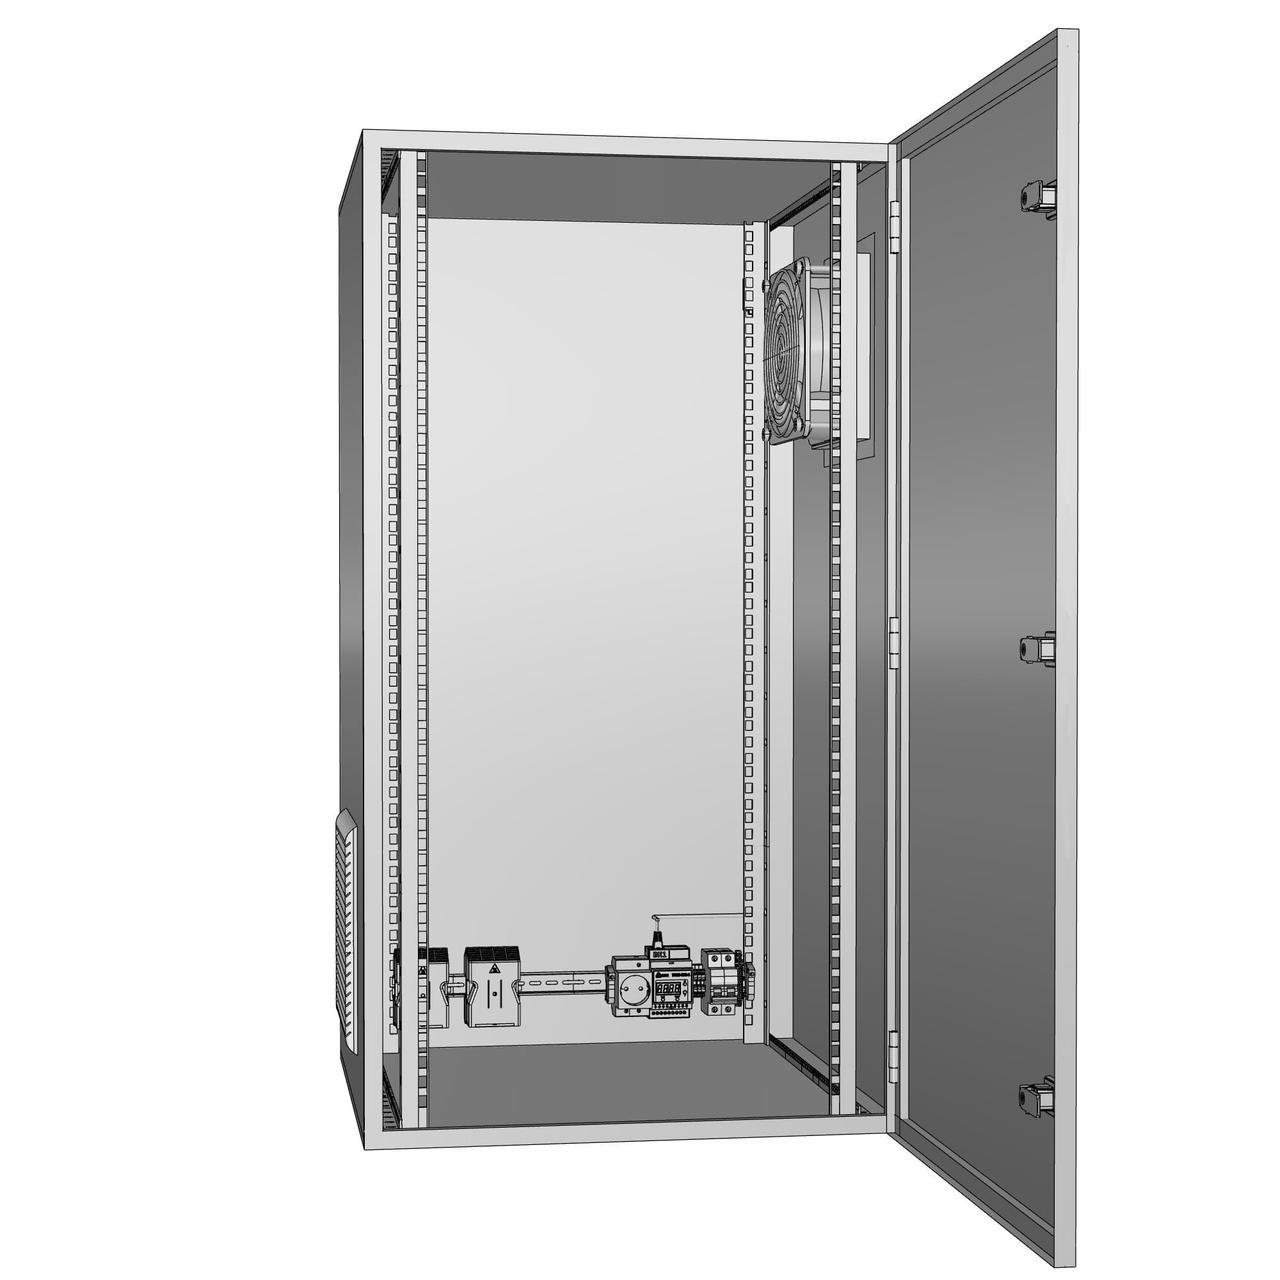 Щит климатический утеплённый с обогревом и вентиляцией ЩКу- ОВ- 02 - 500×400×200 (В×Ш×Г) IP65